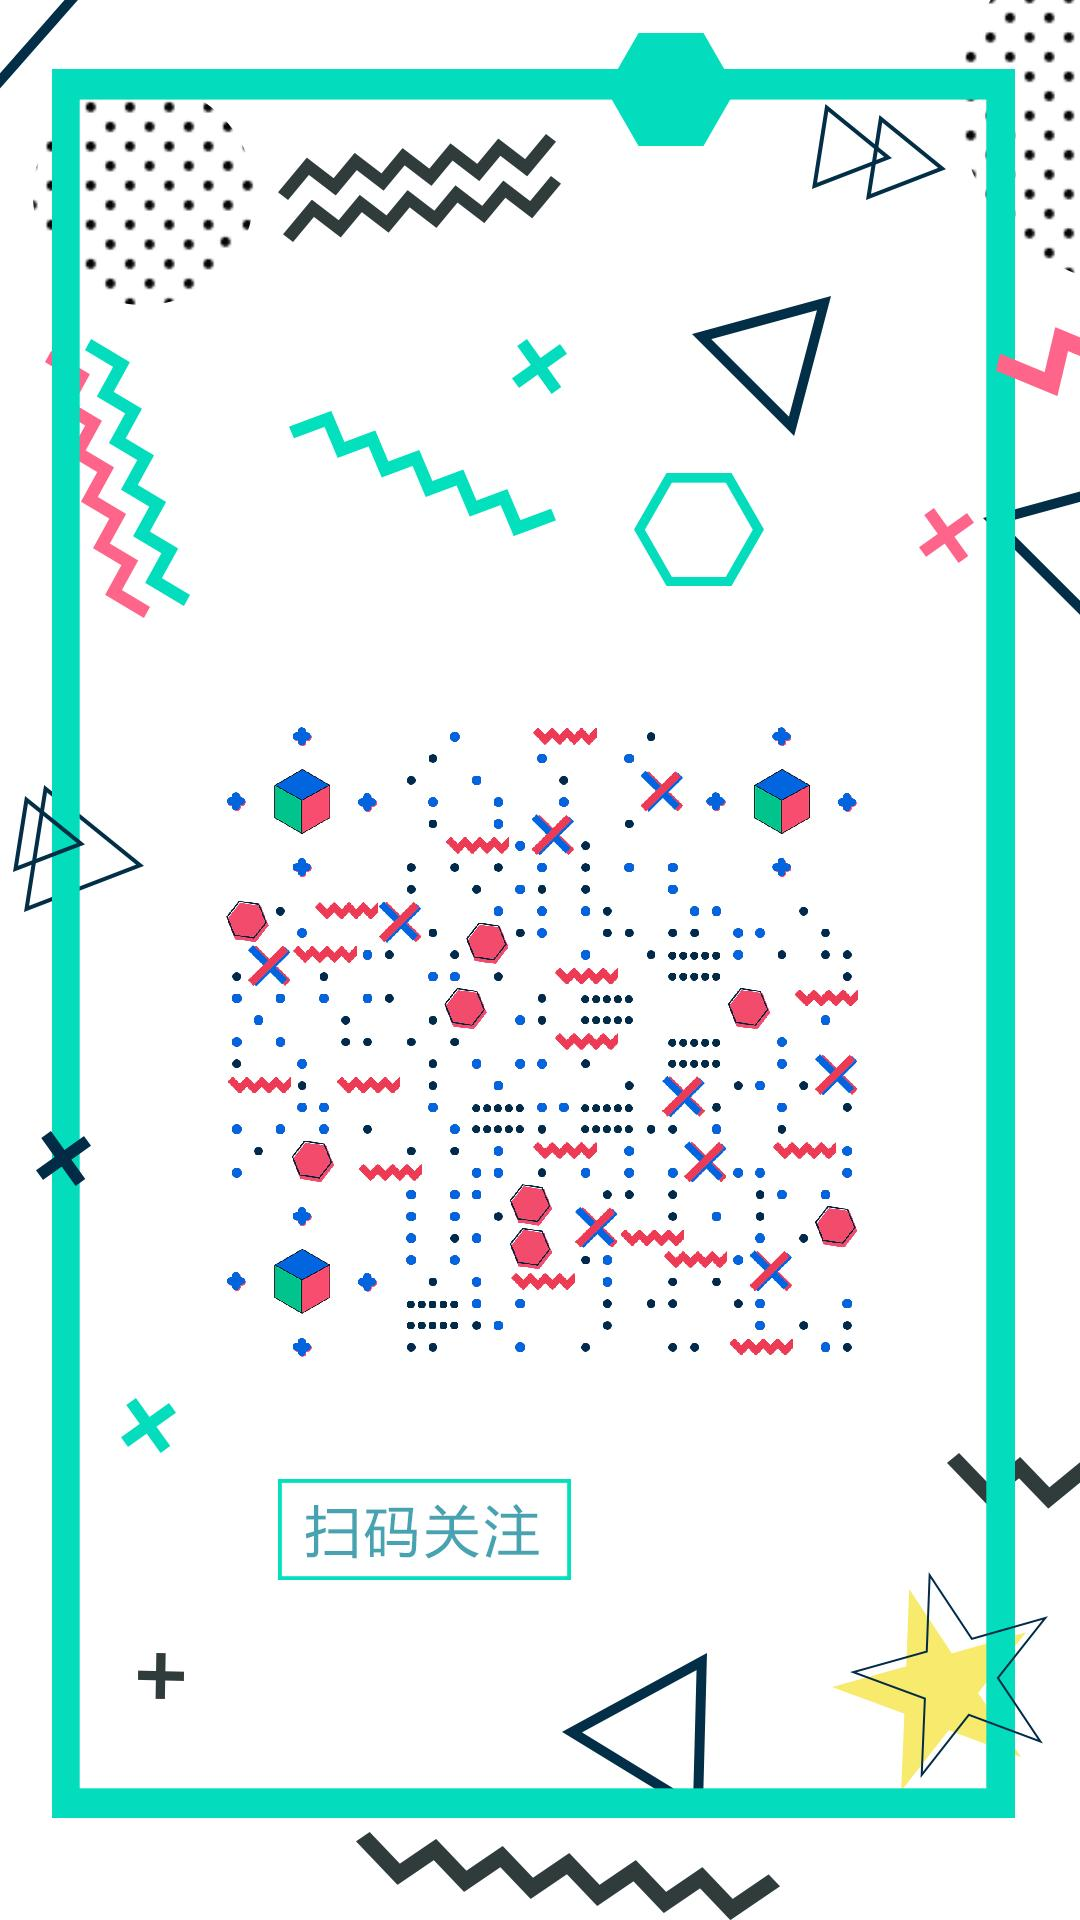 彩色幾何 藝術二維碼